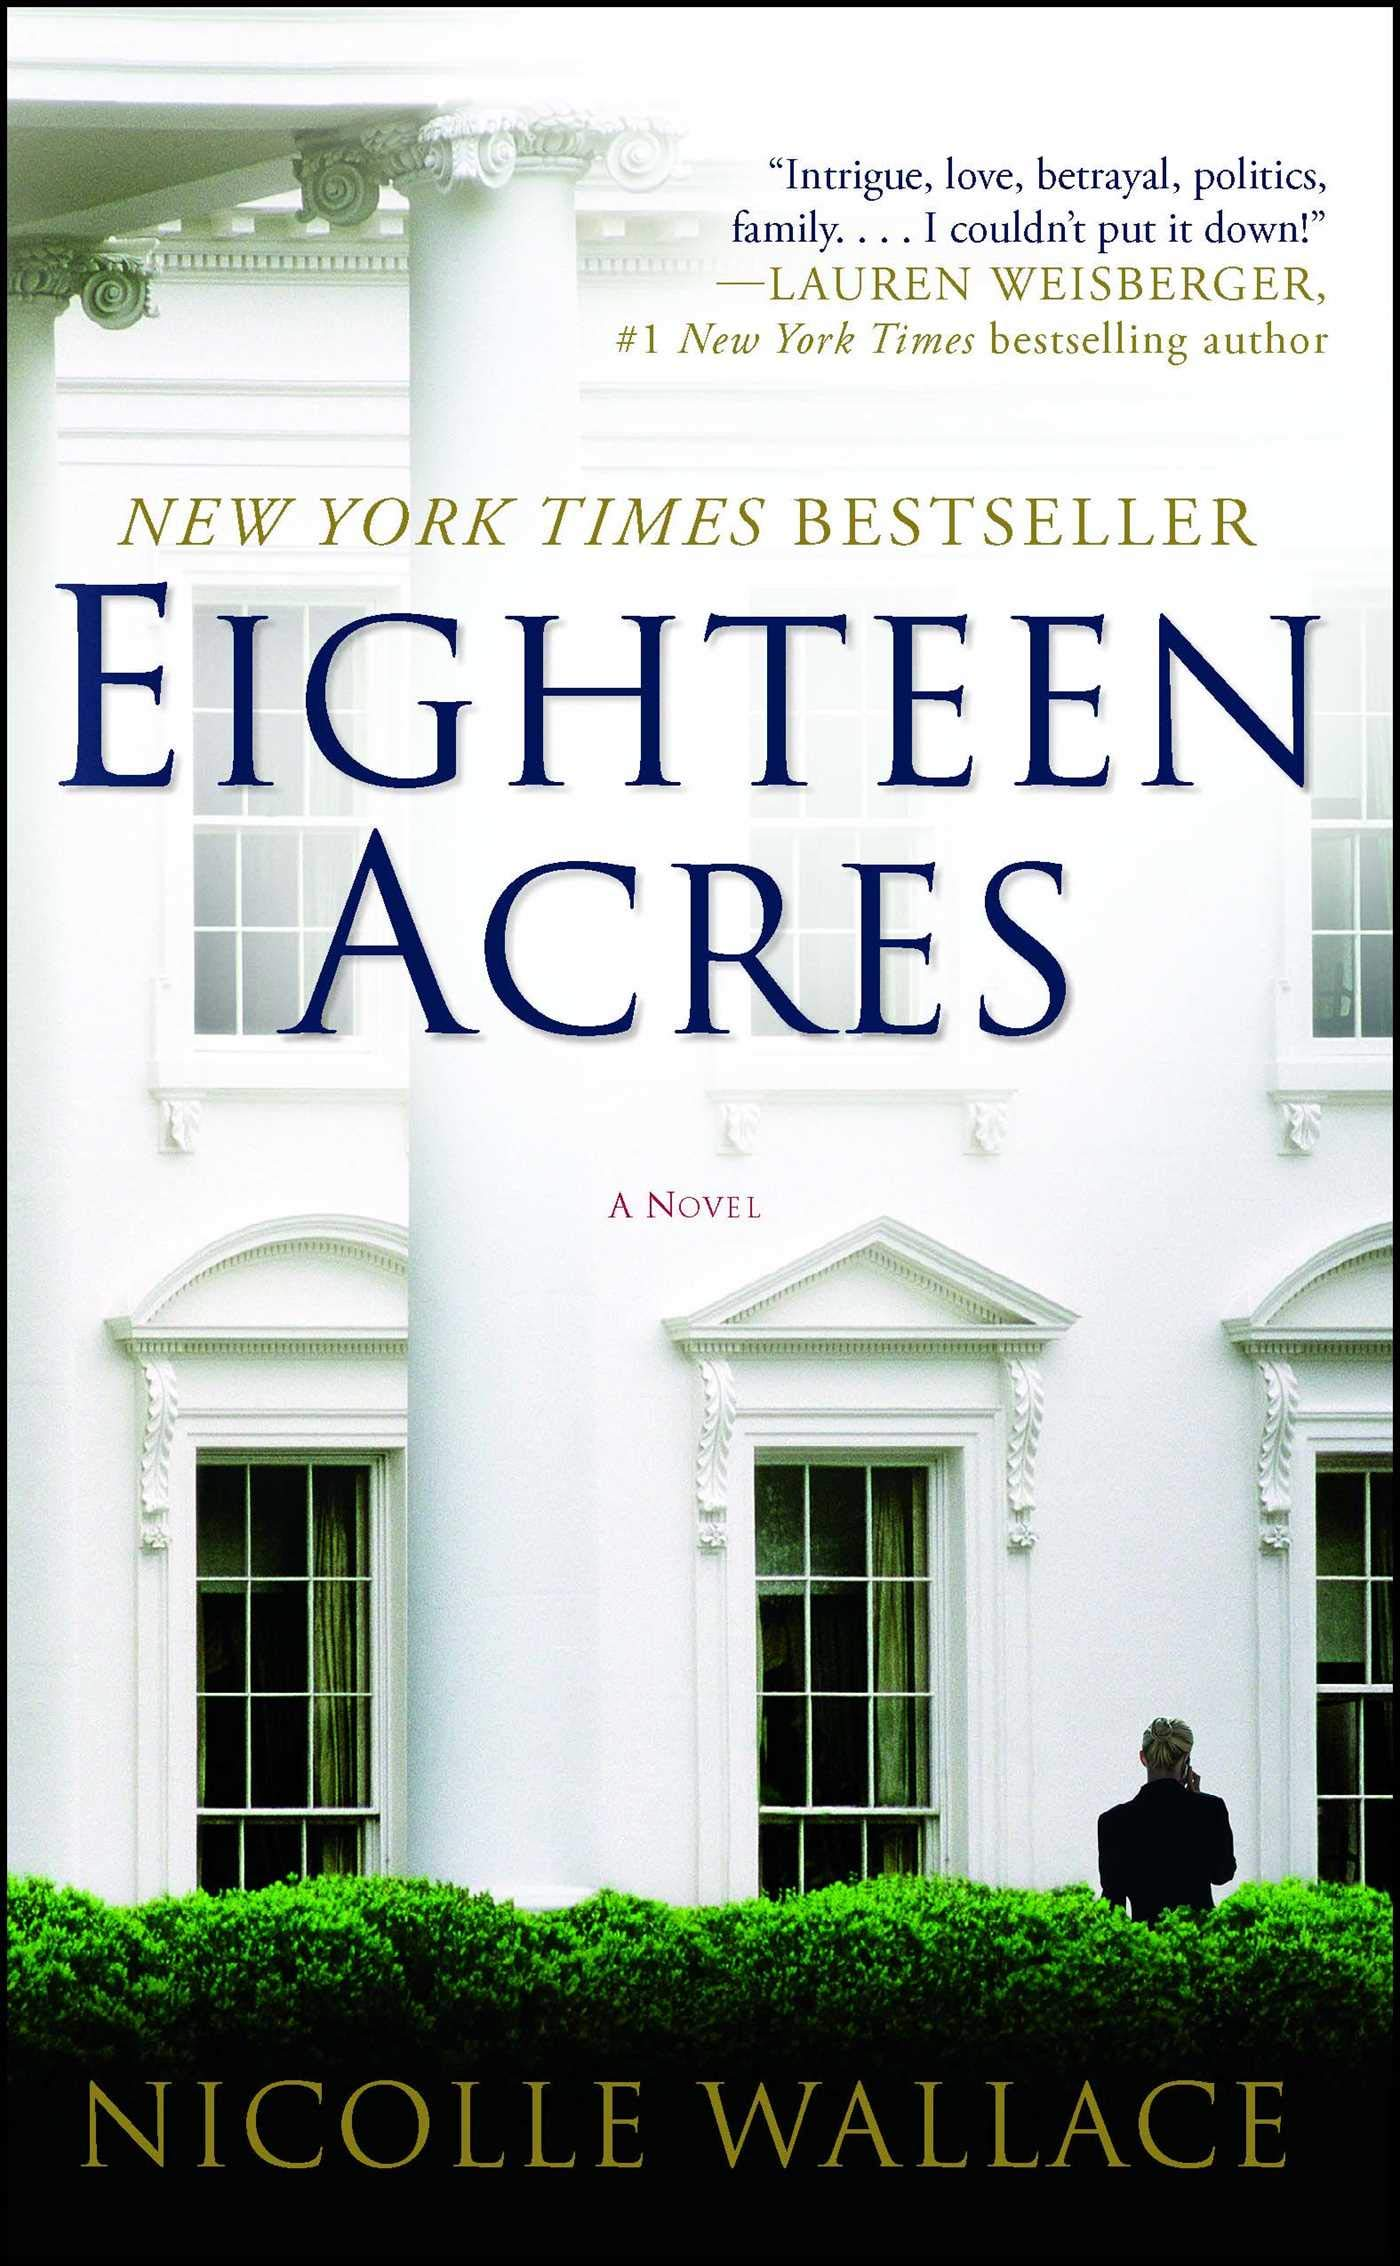 Eighteen Acres: A Novel: Nicolle Wallace: 9781439195932